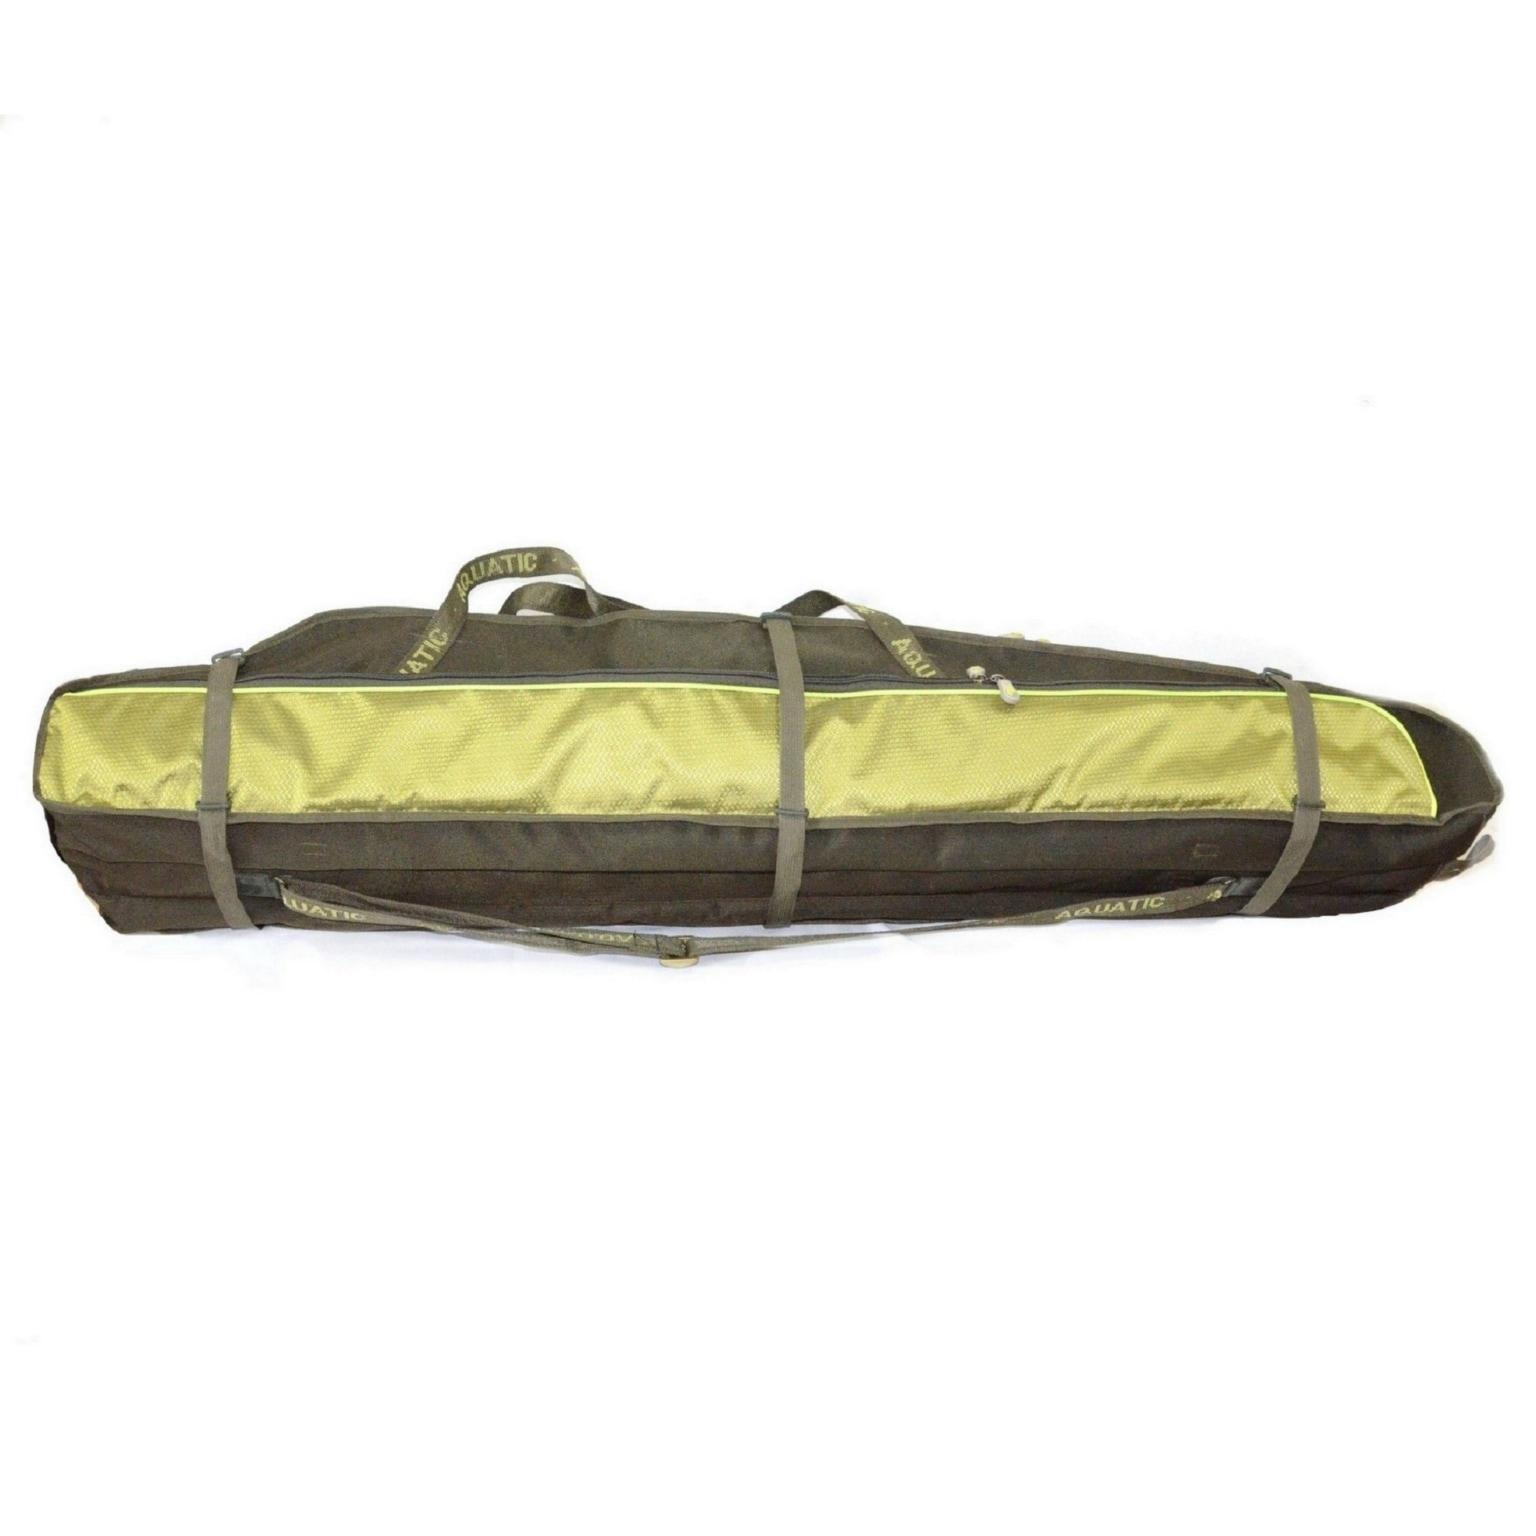 Чехол Aquatic Ч-25 для удилищ